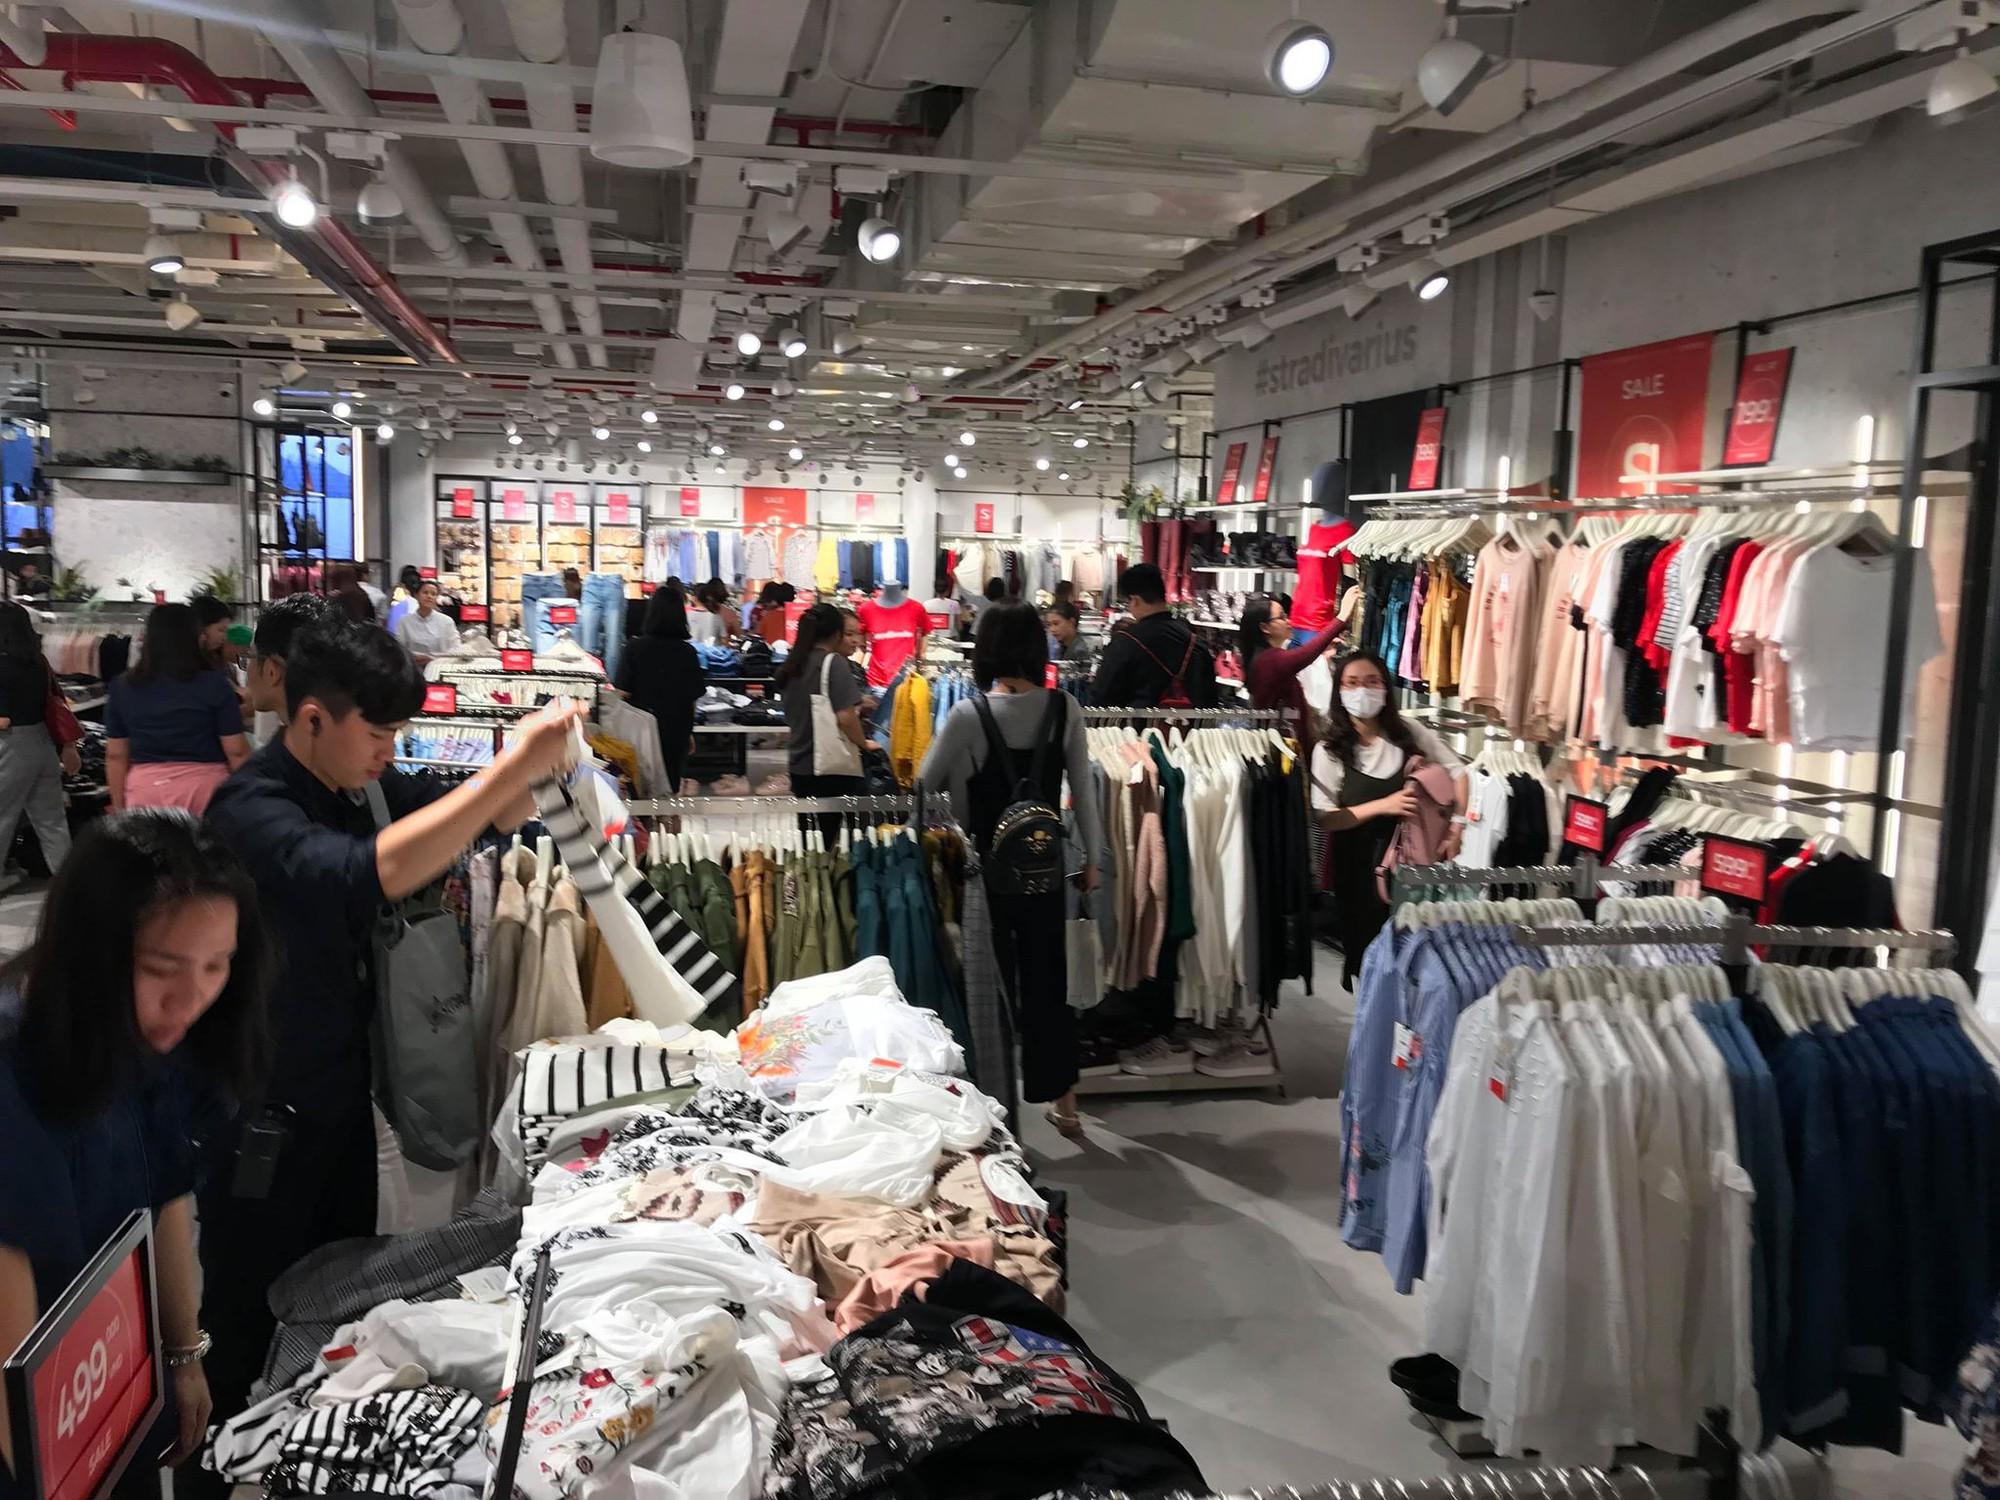 Zara Sài Gòn và Hà Nội đông nghịt, dân tình xếp hàng dài ngay ngày đầu tiên giảm giá - Ảnh 23.